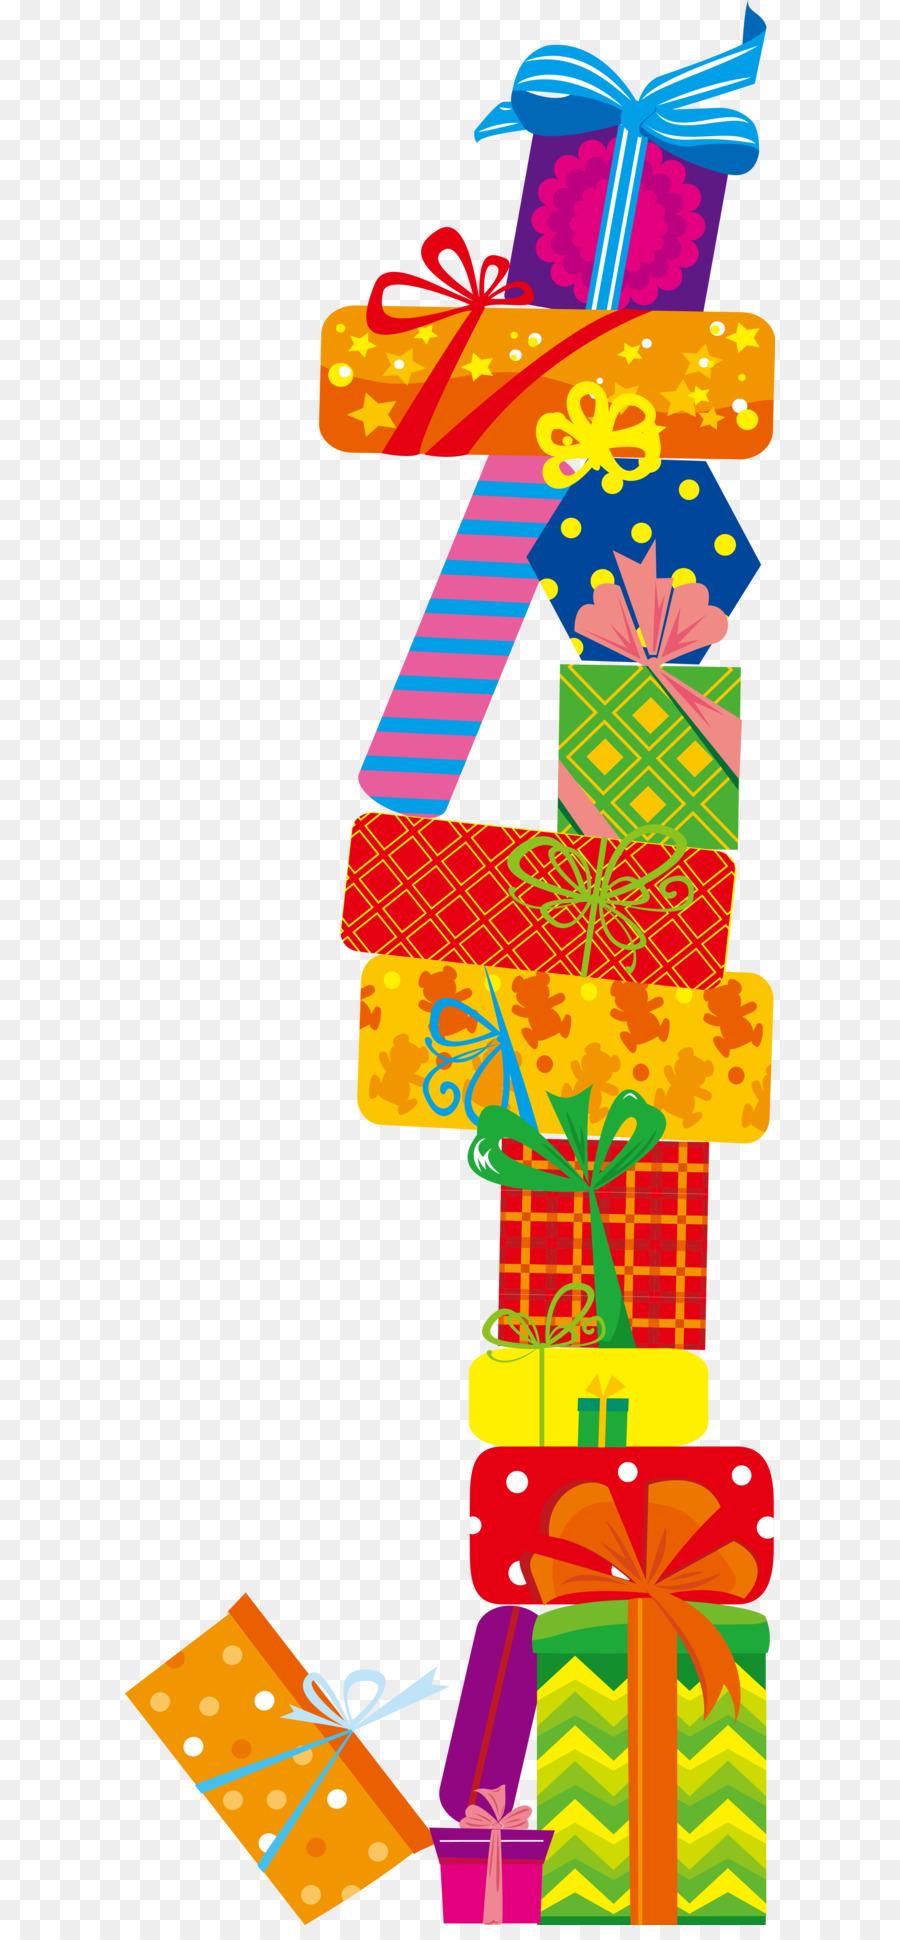 Descarga gratuita de Pastel De Cumpleaños, Cumpleaños, Regalo imágenes PNG